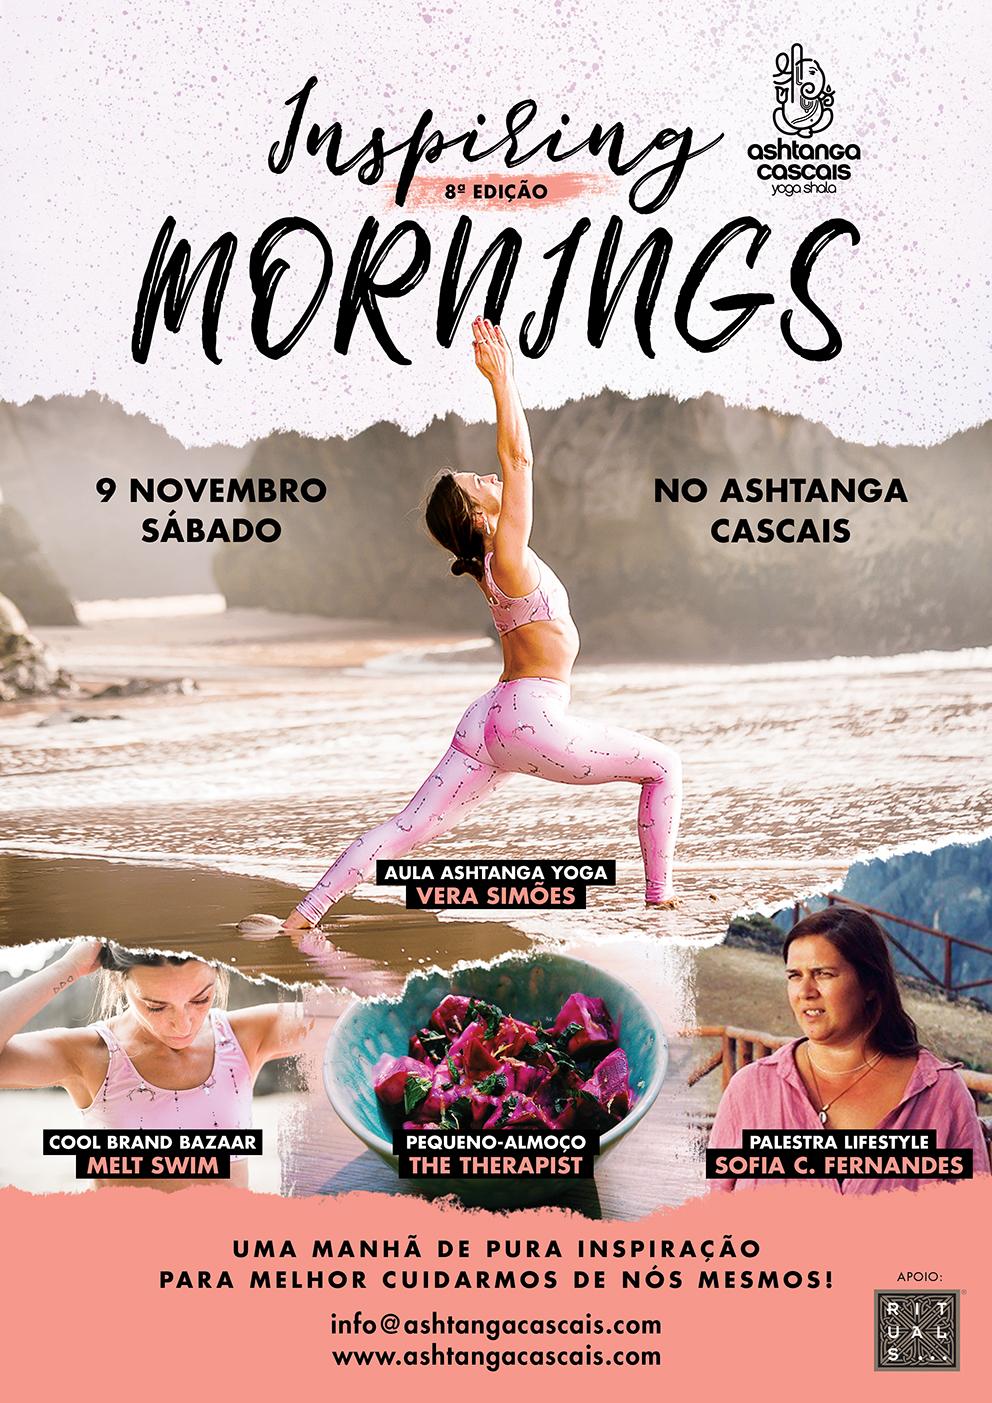 INSPIRING MORNINGS, 9 NOVEMBRO, NO ASHTANGA CASCAIS